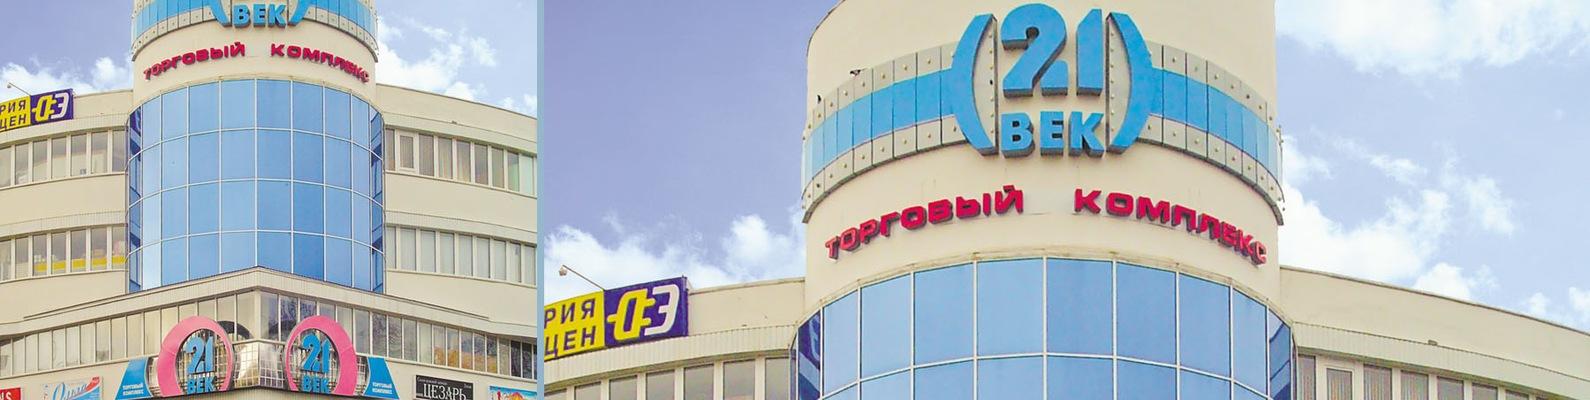 4317dba23 ТЦ 21 ВЕК Йошкар-Ола | ВКонтакте